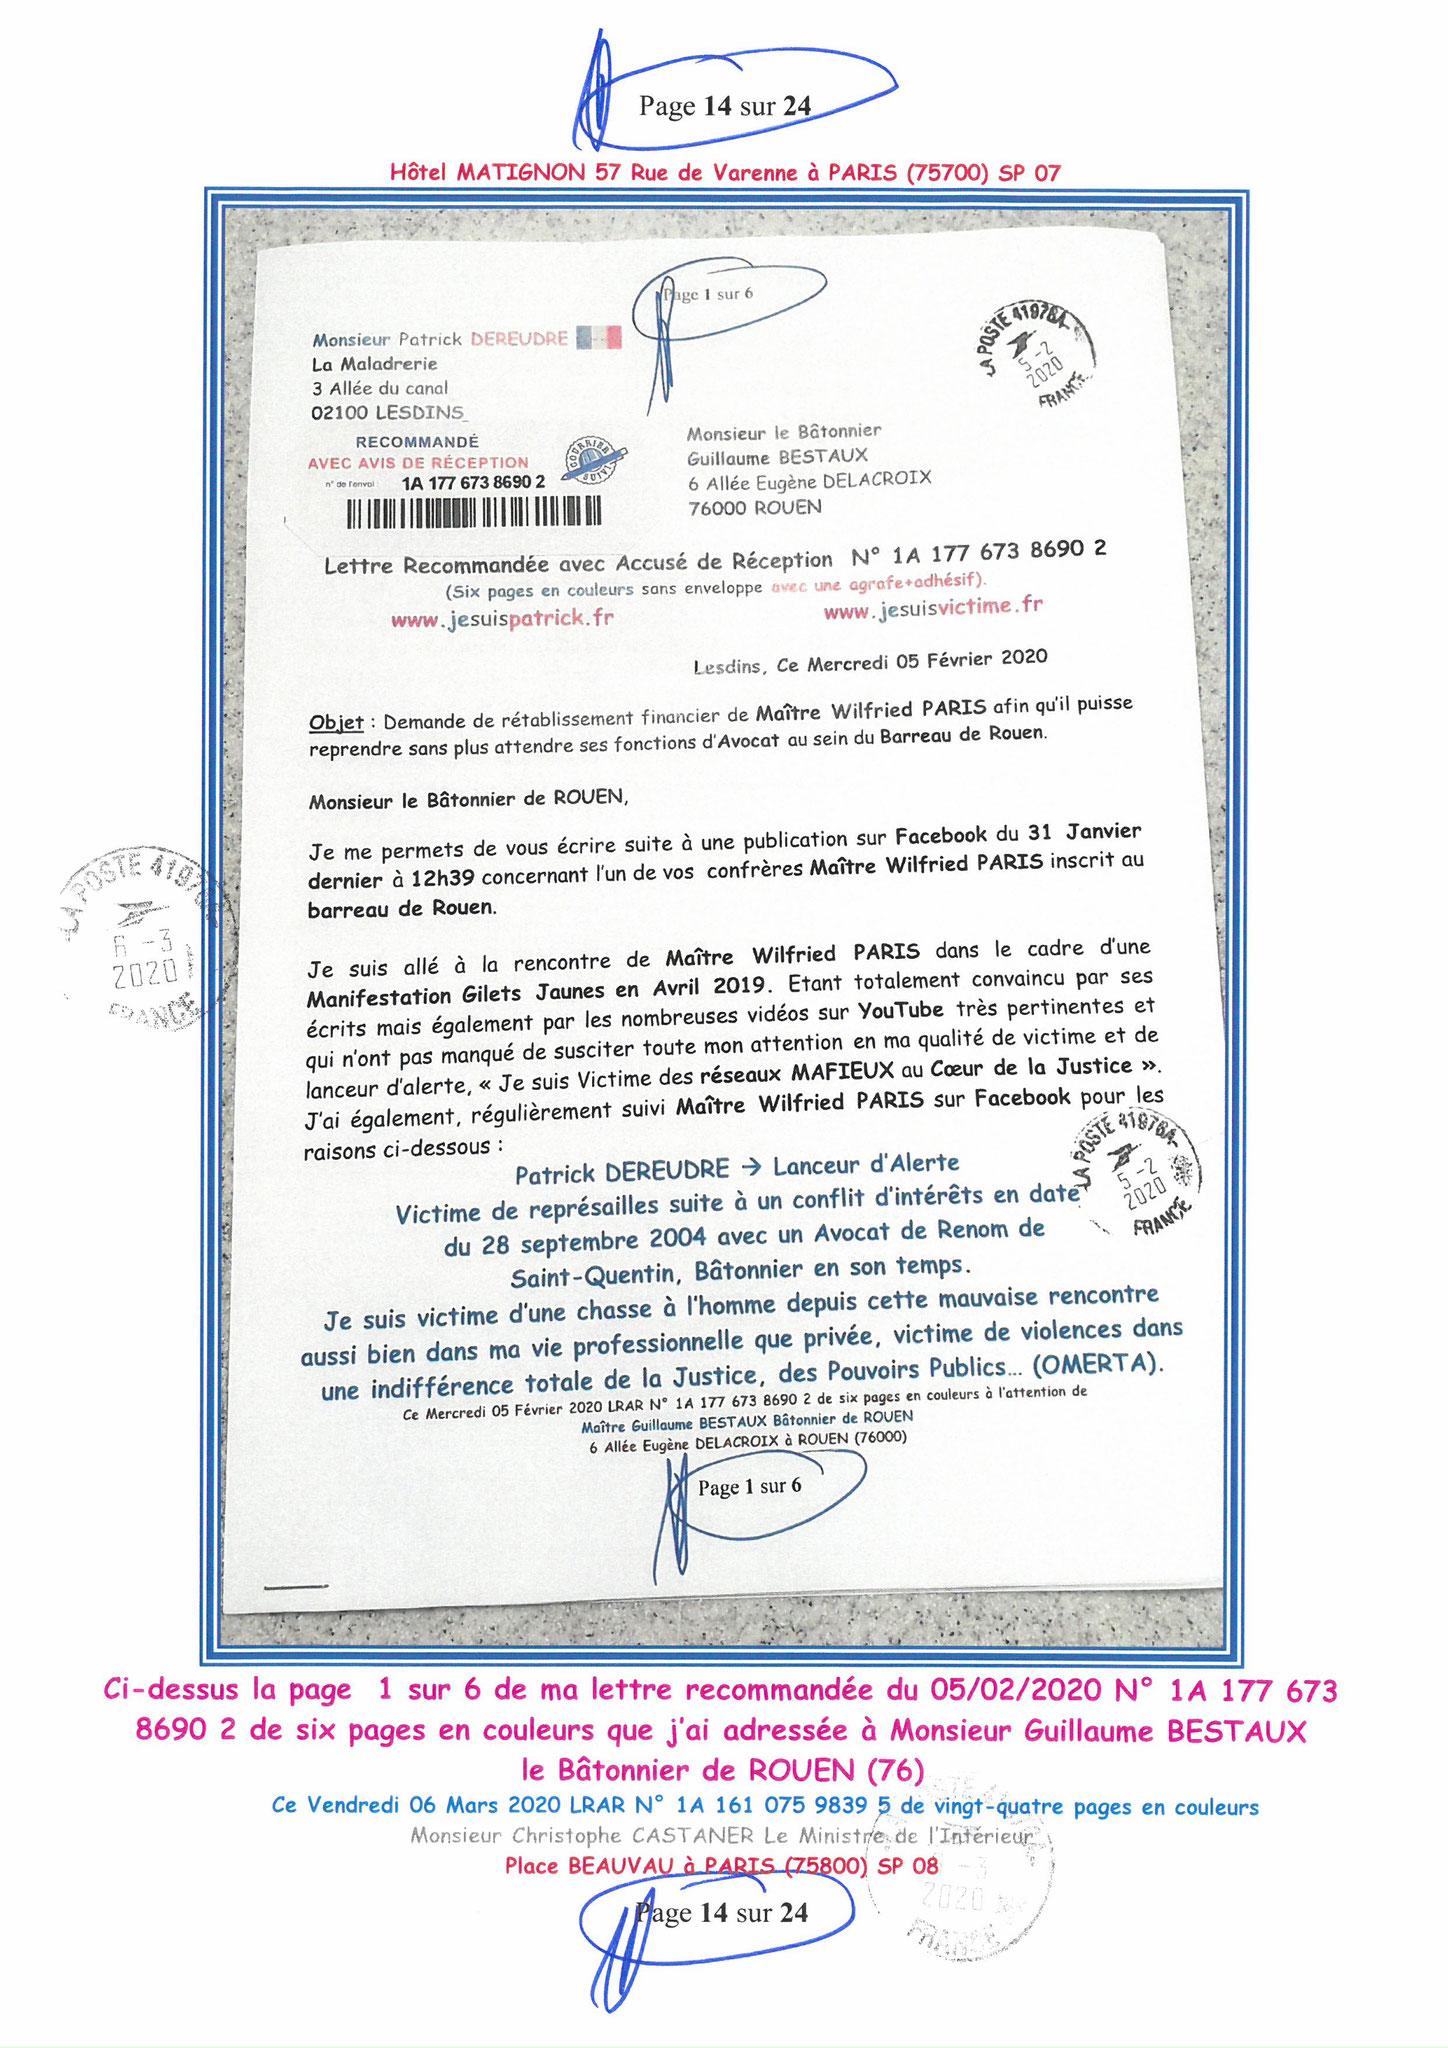 Ma LRAR à Monsieur le Ministre de l'Intérieur Christophe CASTANER N°1A 161 075 9839 5  Page 14 sur 24 en couleur du 06 Mars 2020  www.jesuispatrick.fr